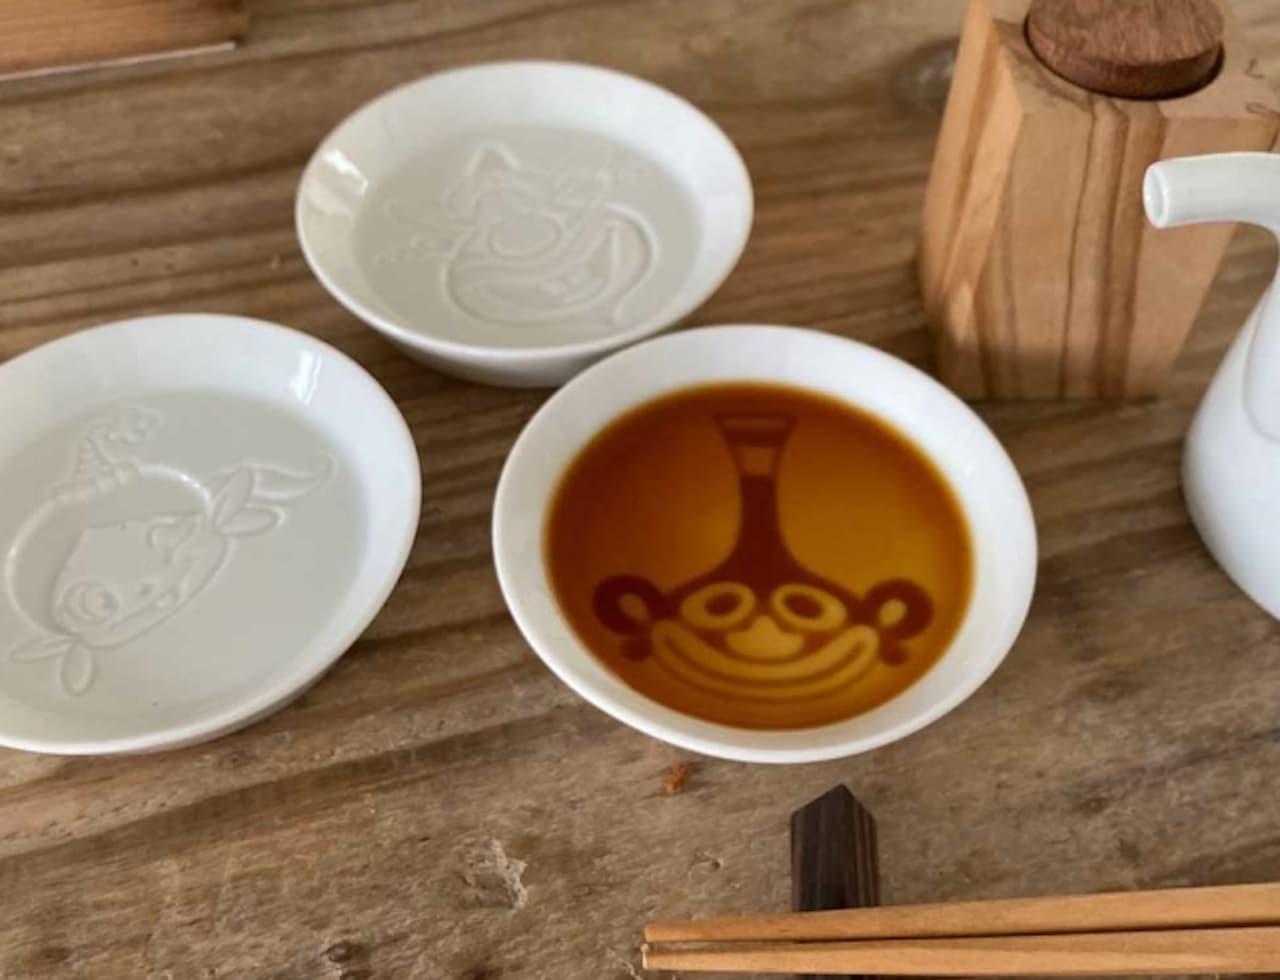 「ハクション大魔王」の絵柄が浮き出るしょうゆ皿